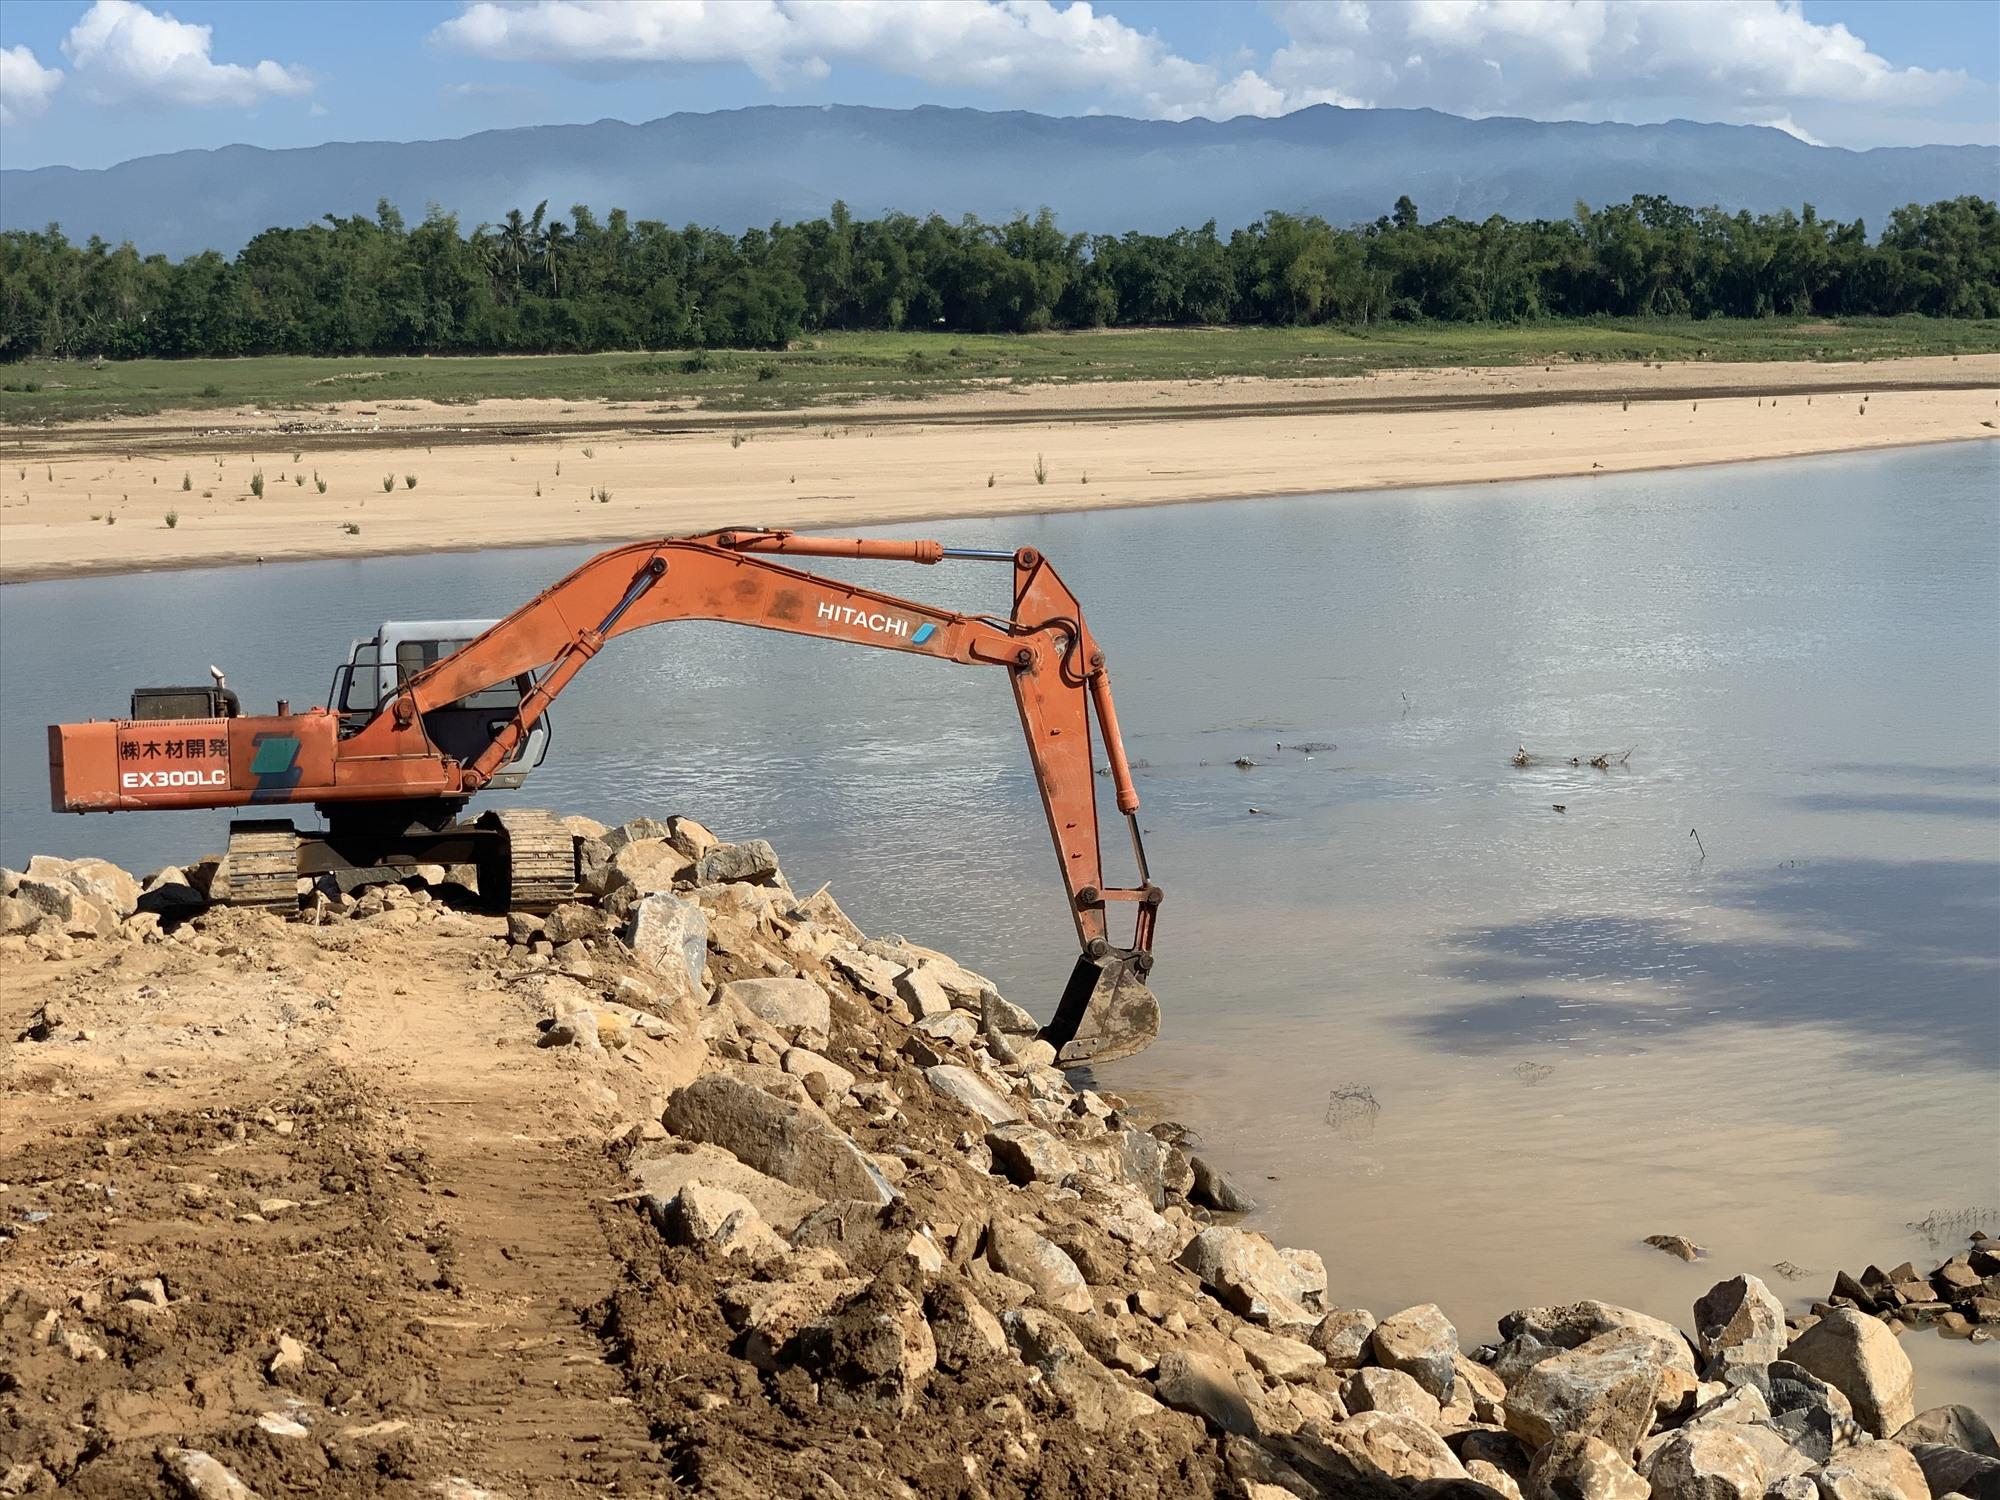 Nhà thầu tập trung đẩy nhanh tiến độ thi công để sớm xây dựng hoàn thành tuyến kè ven sông Thu Bồn thuộc xã Duy Thu (Duy Xuyên). Ảnh: N.T